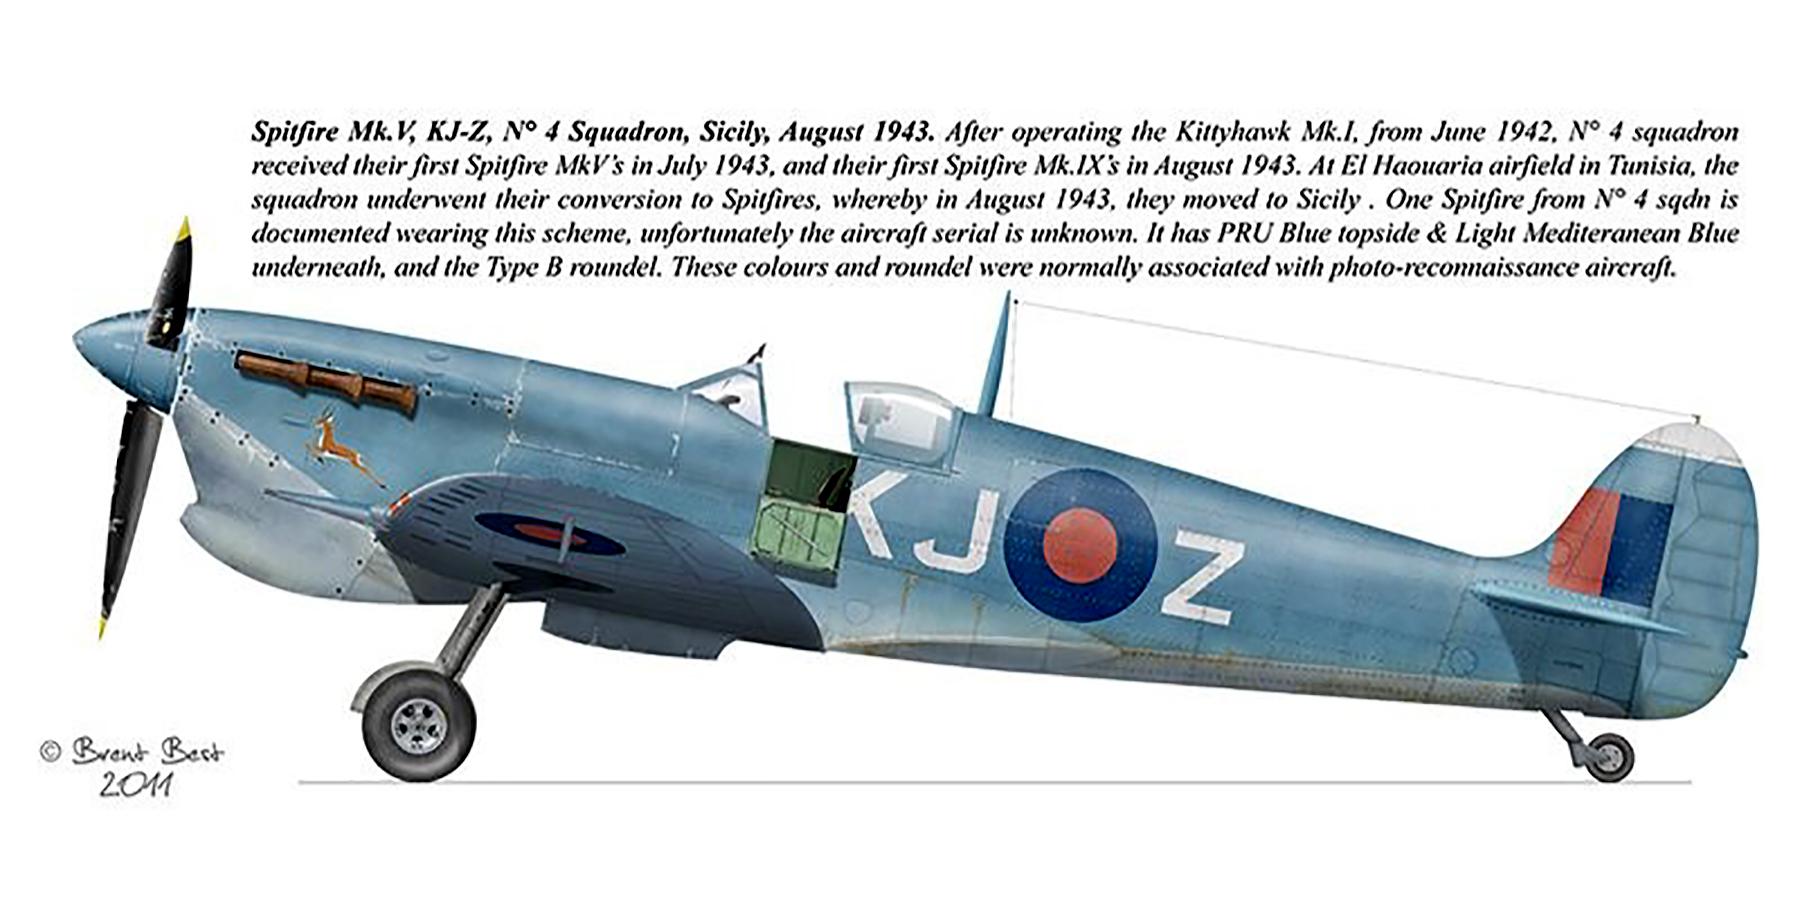 Spitfire MkVcTrop SAAF 4Sqn KJZ Sicily Italy 1943 0A